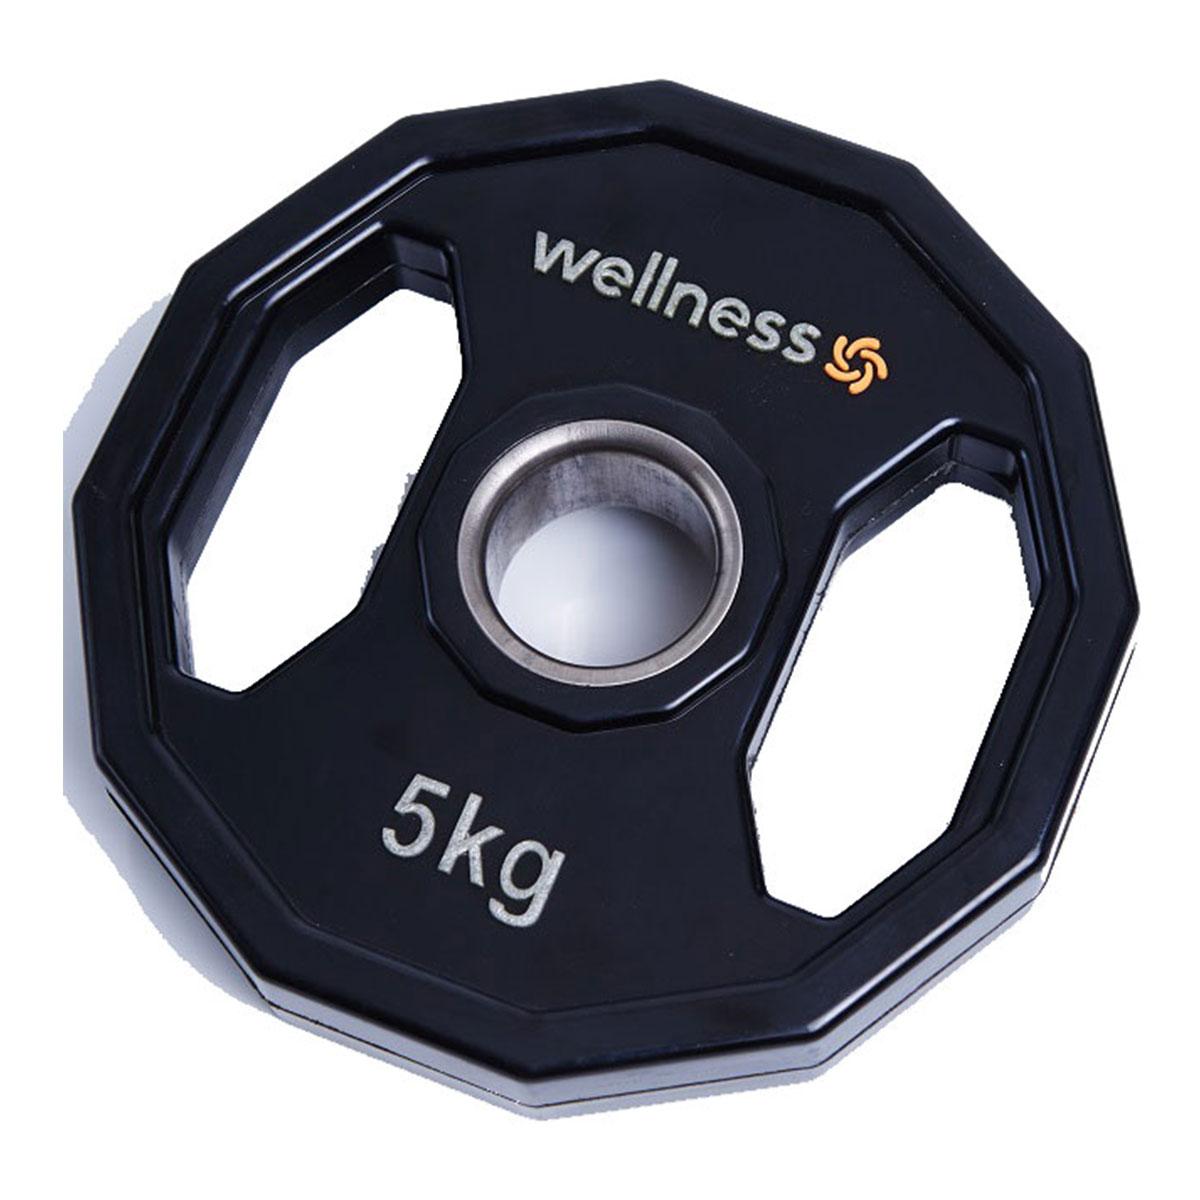 Anilha Poliuretano Furação Olímpica 12 Faces com Pegada 5kg Wellness